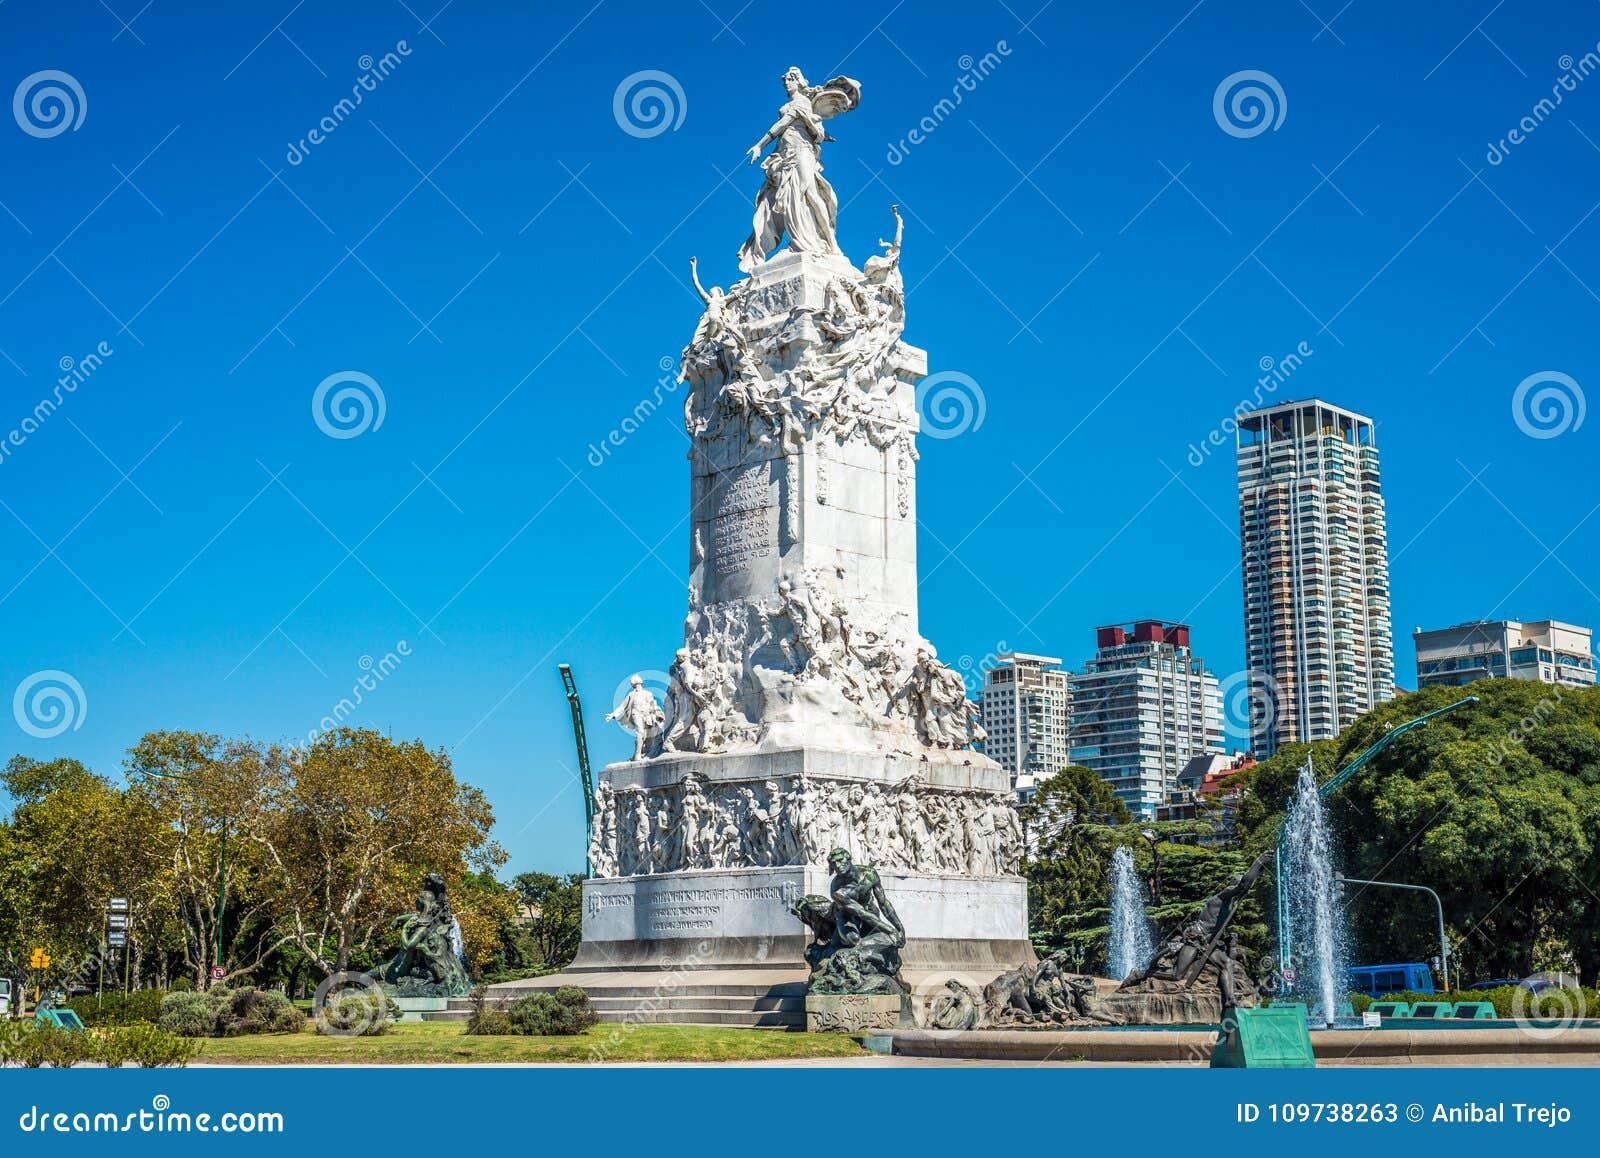 Monumento de quatro regiões em Buenos Aires, Argentina